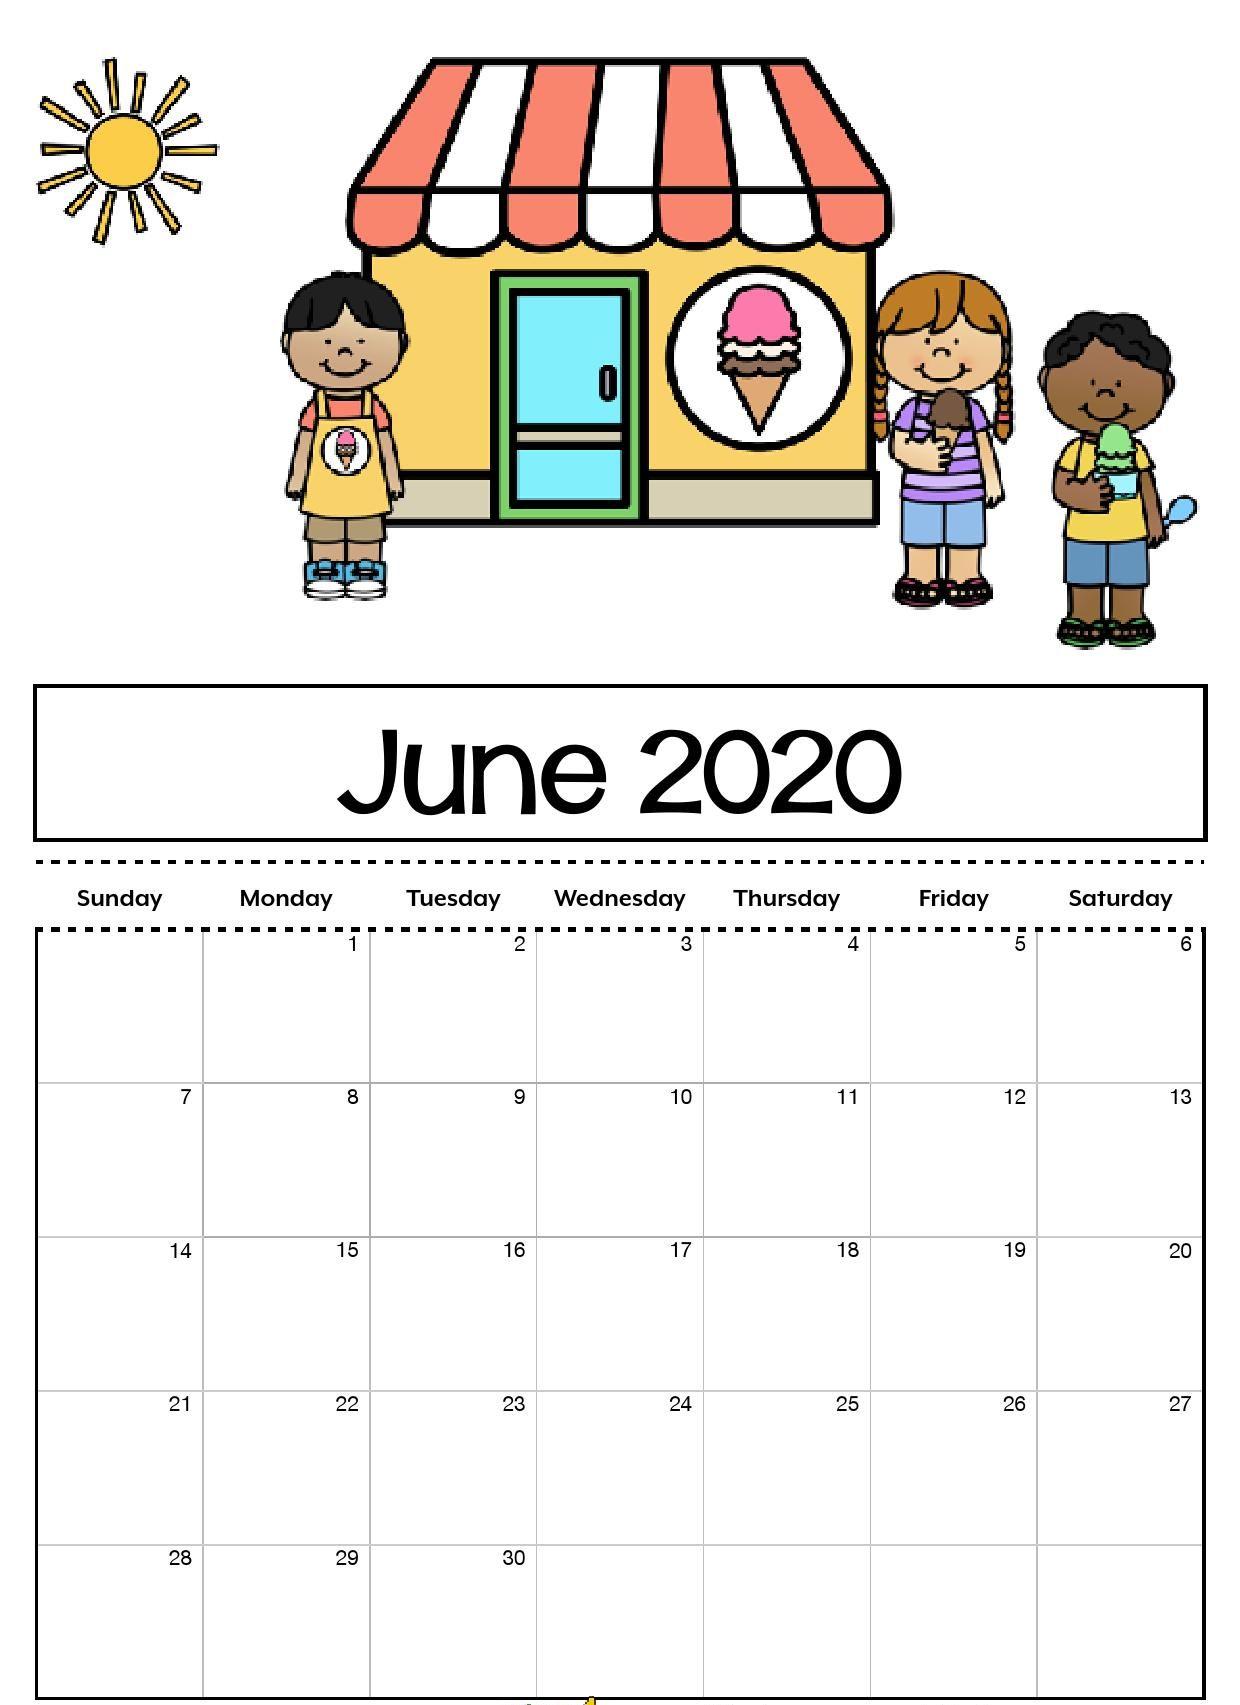 Cute June 2020 Calendar Printable for Kids